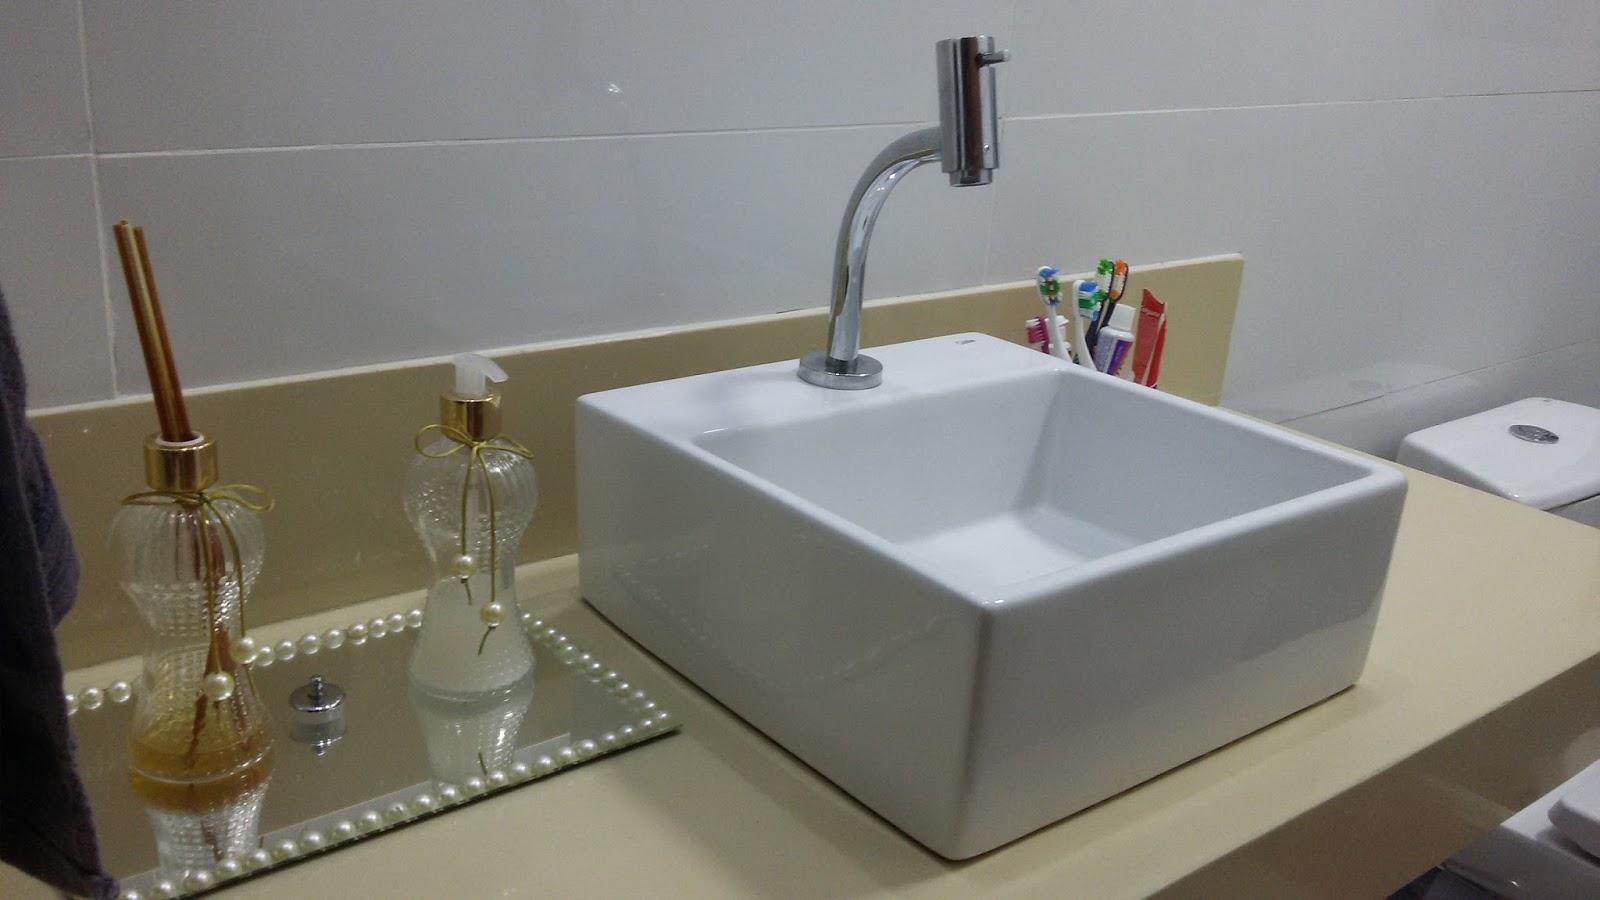 Casa com afeto: Banheiro social muito amor envolvido! #5D4B34 1600 900